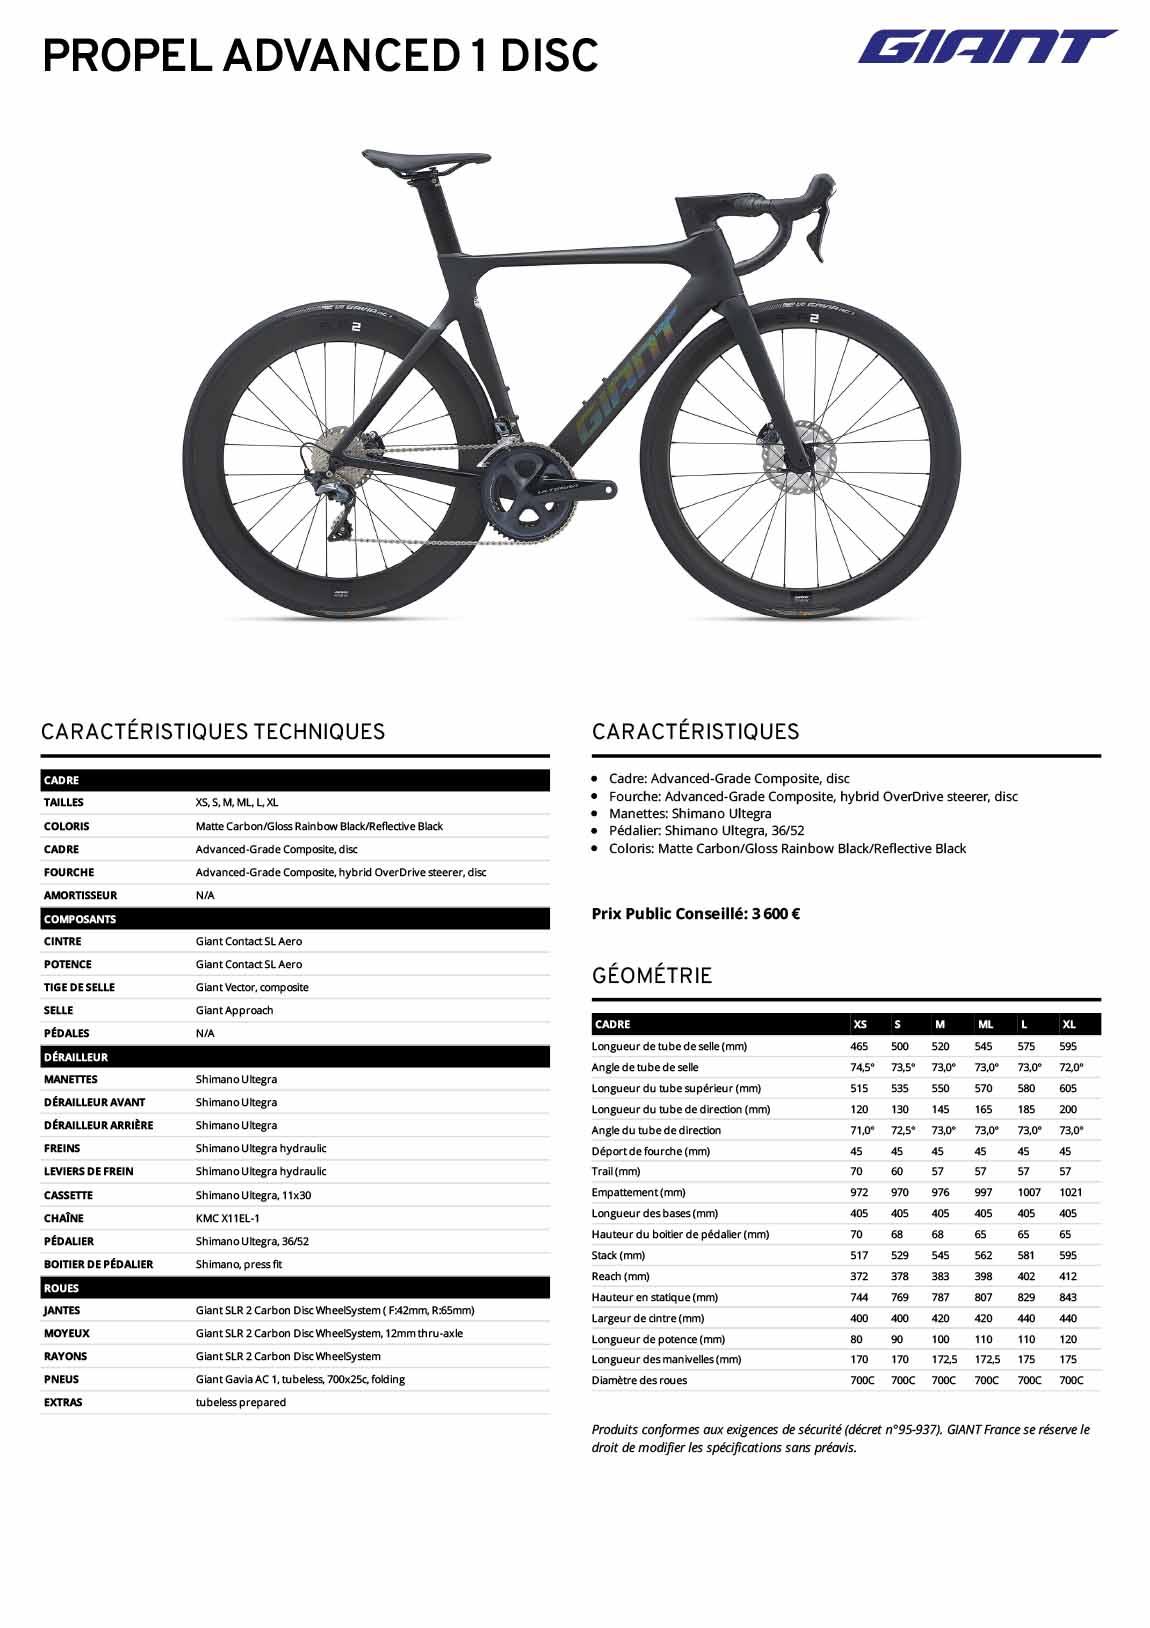 Fiche technique vélo Giant Propel Advanced 1 Disc 2021